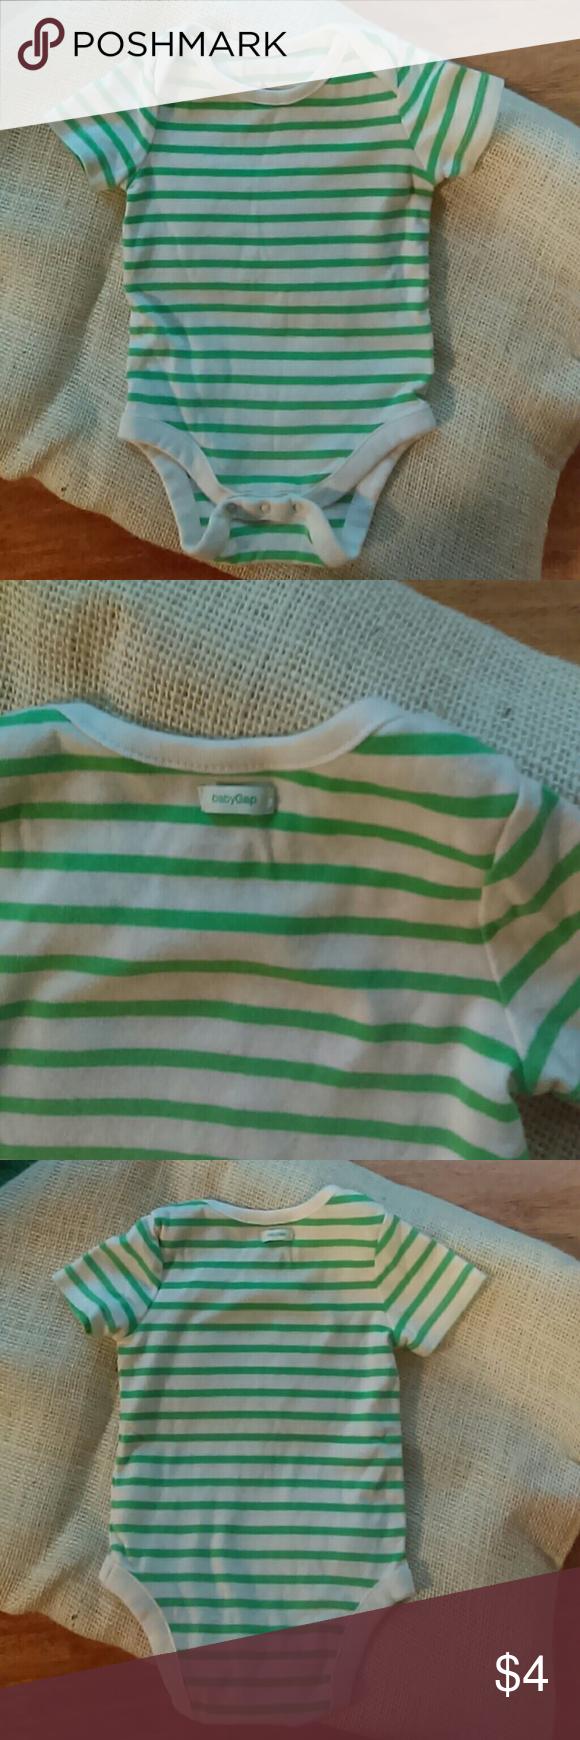 Baby Onesie Cute Baby Gap First Favorites. GUC. 100% Cotton. Baby Gap  One Pieces Bodysuits